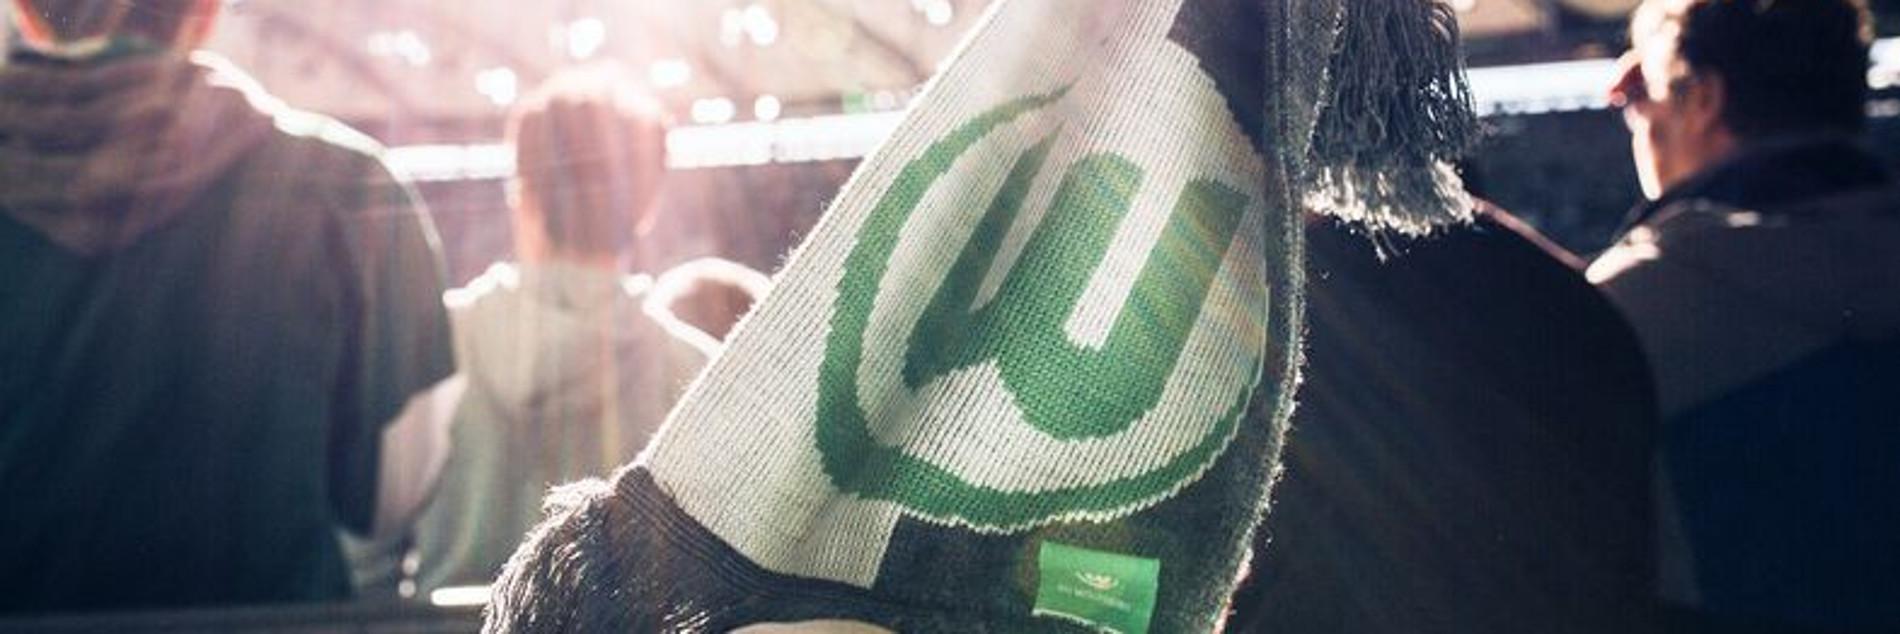 Schal mit VfL Wolfsburg-Logo wird im Stehplatz-Bereich der Volkswagen Arena gegen die Sonne gehalten.